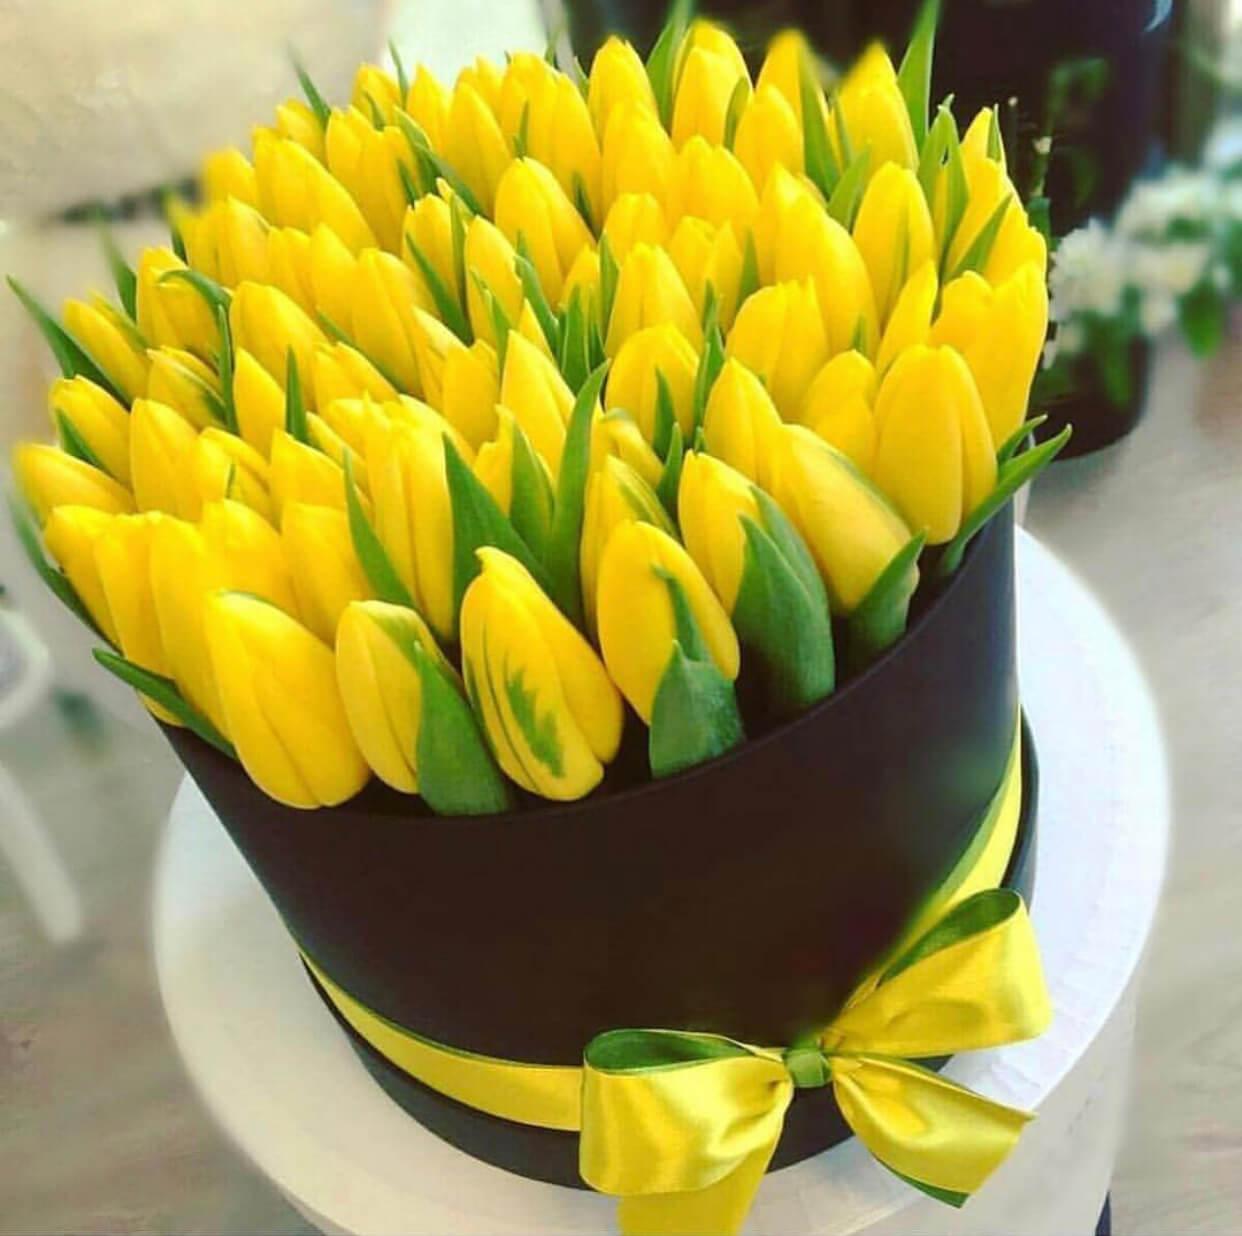 интересно, когда открытка с желтыми тюльпанами на день рождения аватан